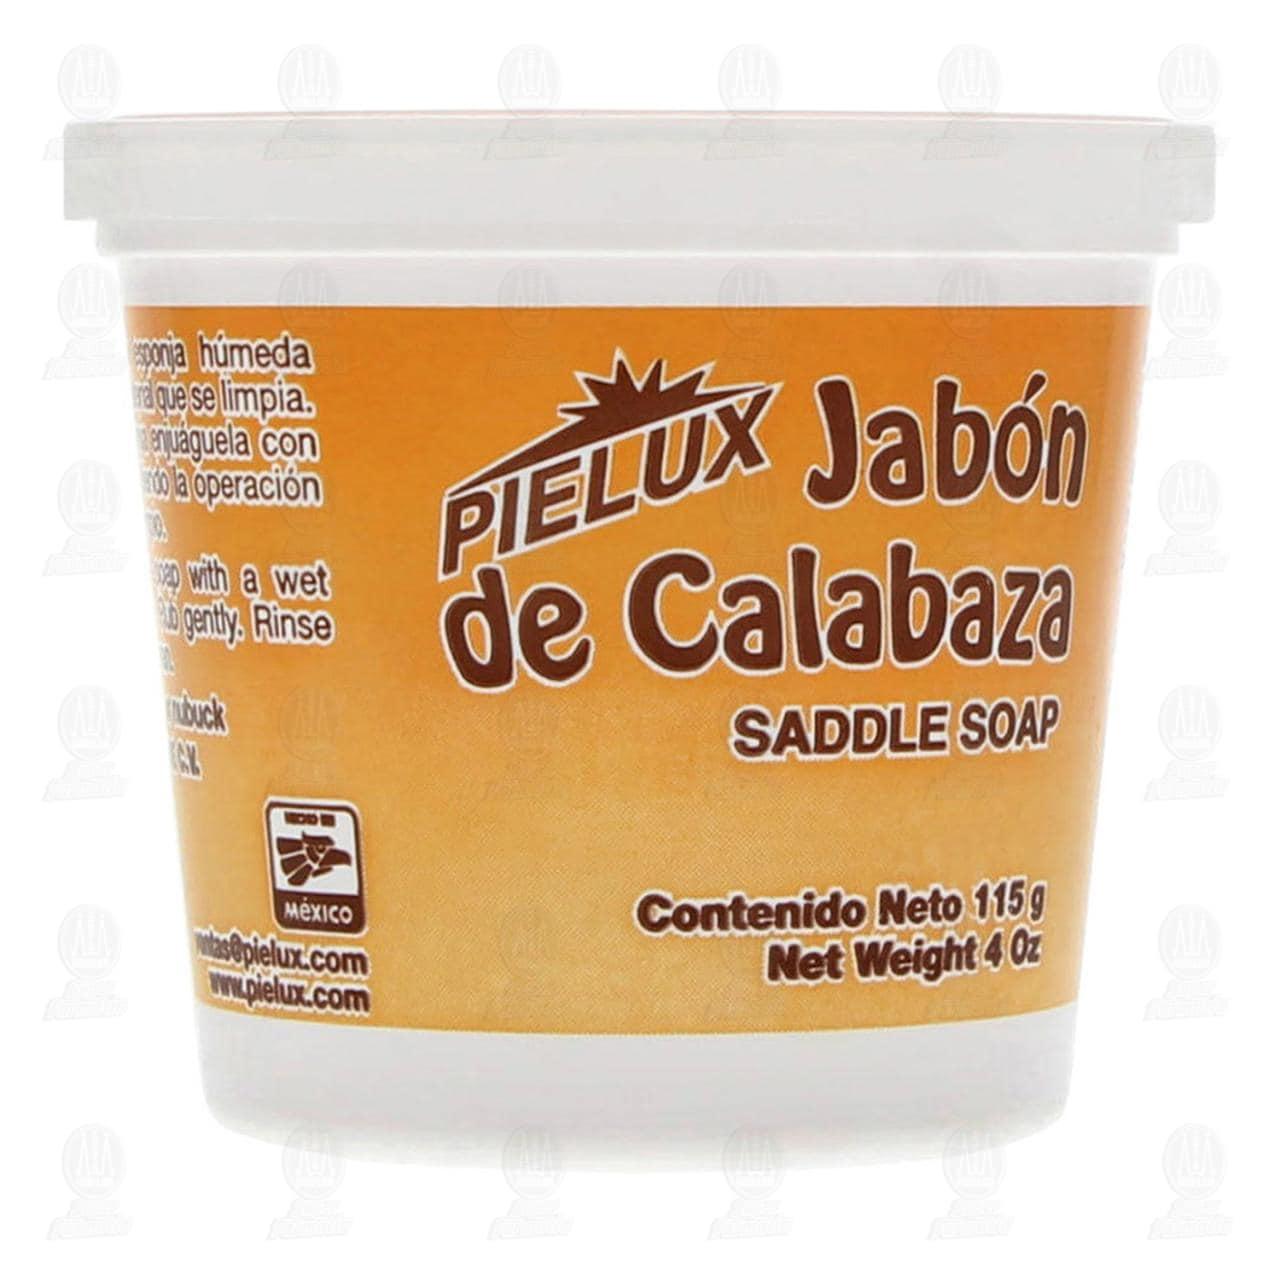 Jabón de Calabaza Pielux para Artículos de Piel, 115 gr.